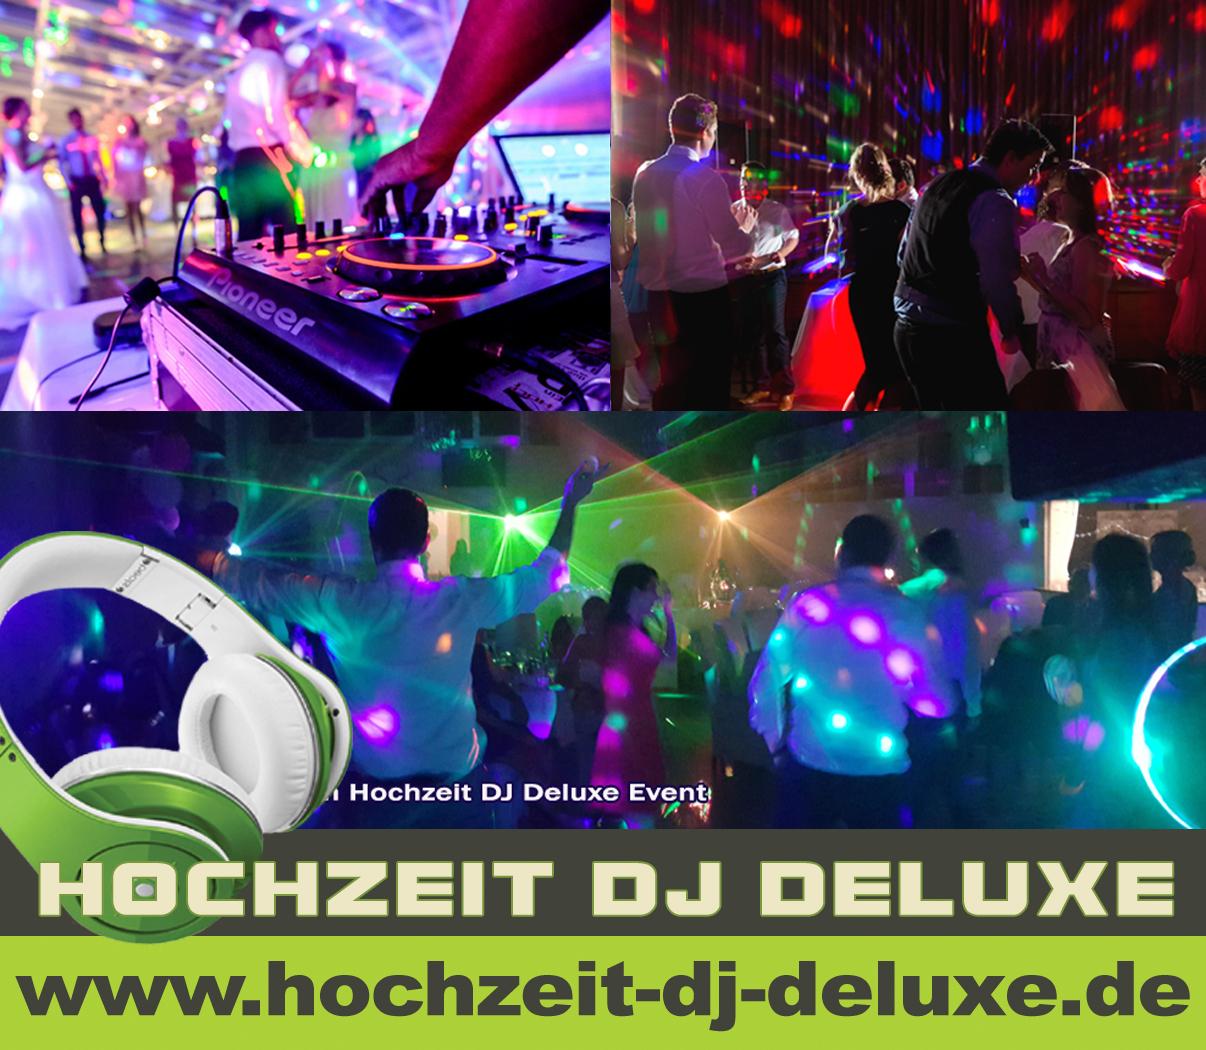 Hochzeit DJ deluxe logo